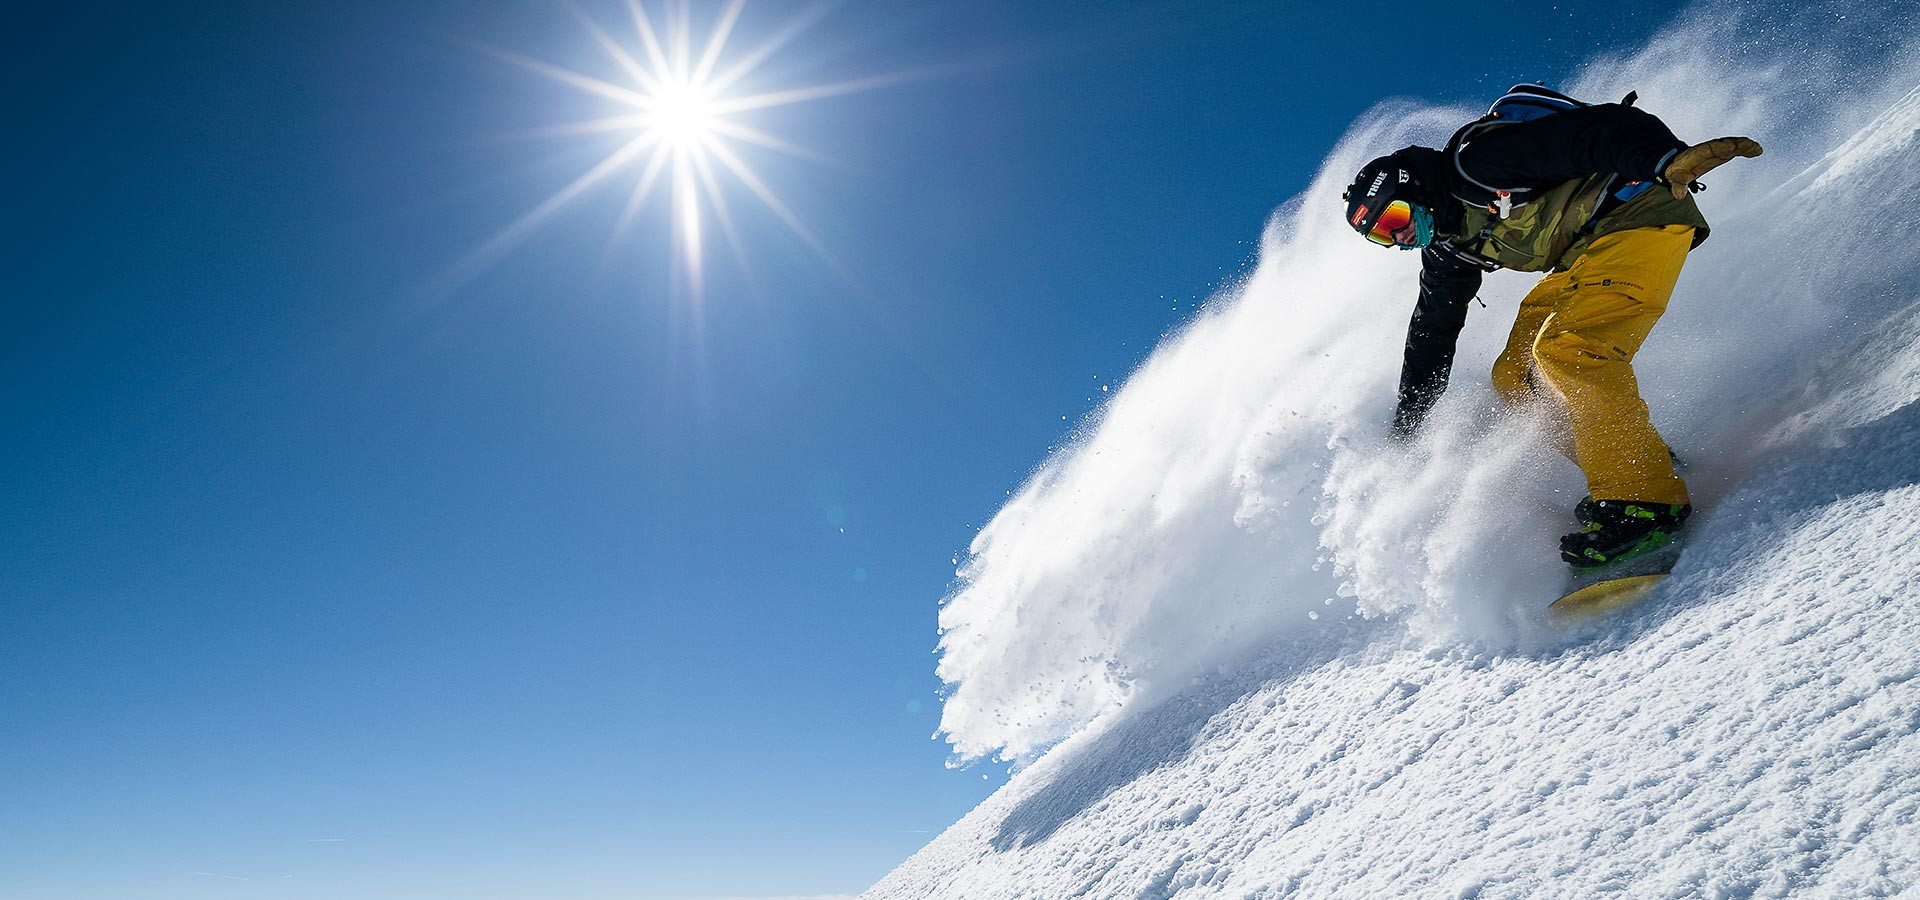 Kostenloses Ski- und Schuhdepot Kein lästiges Schleppen mehr!